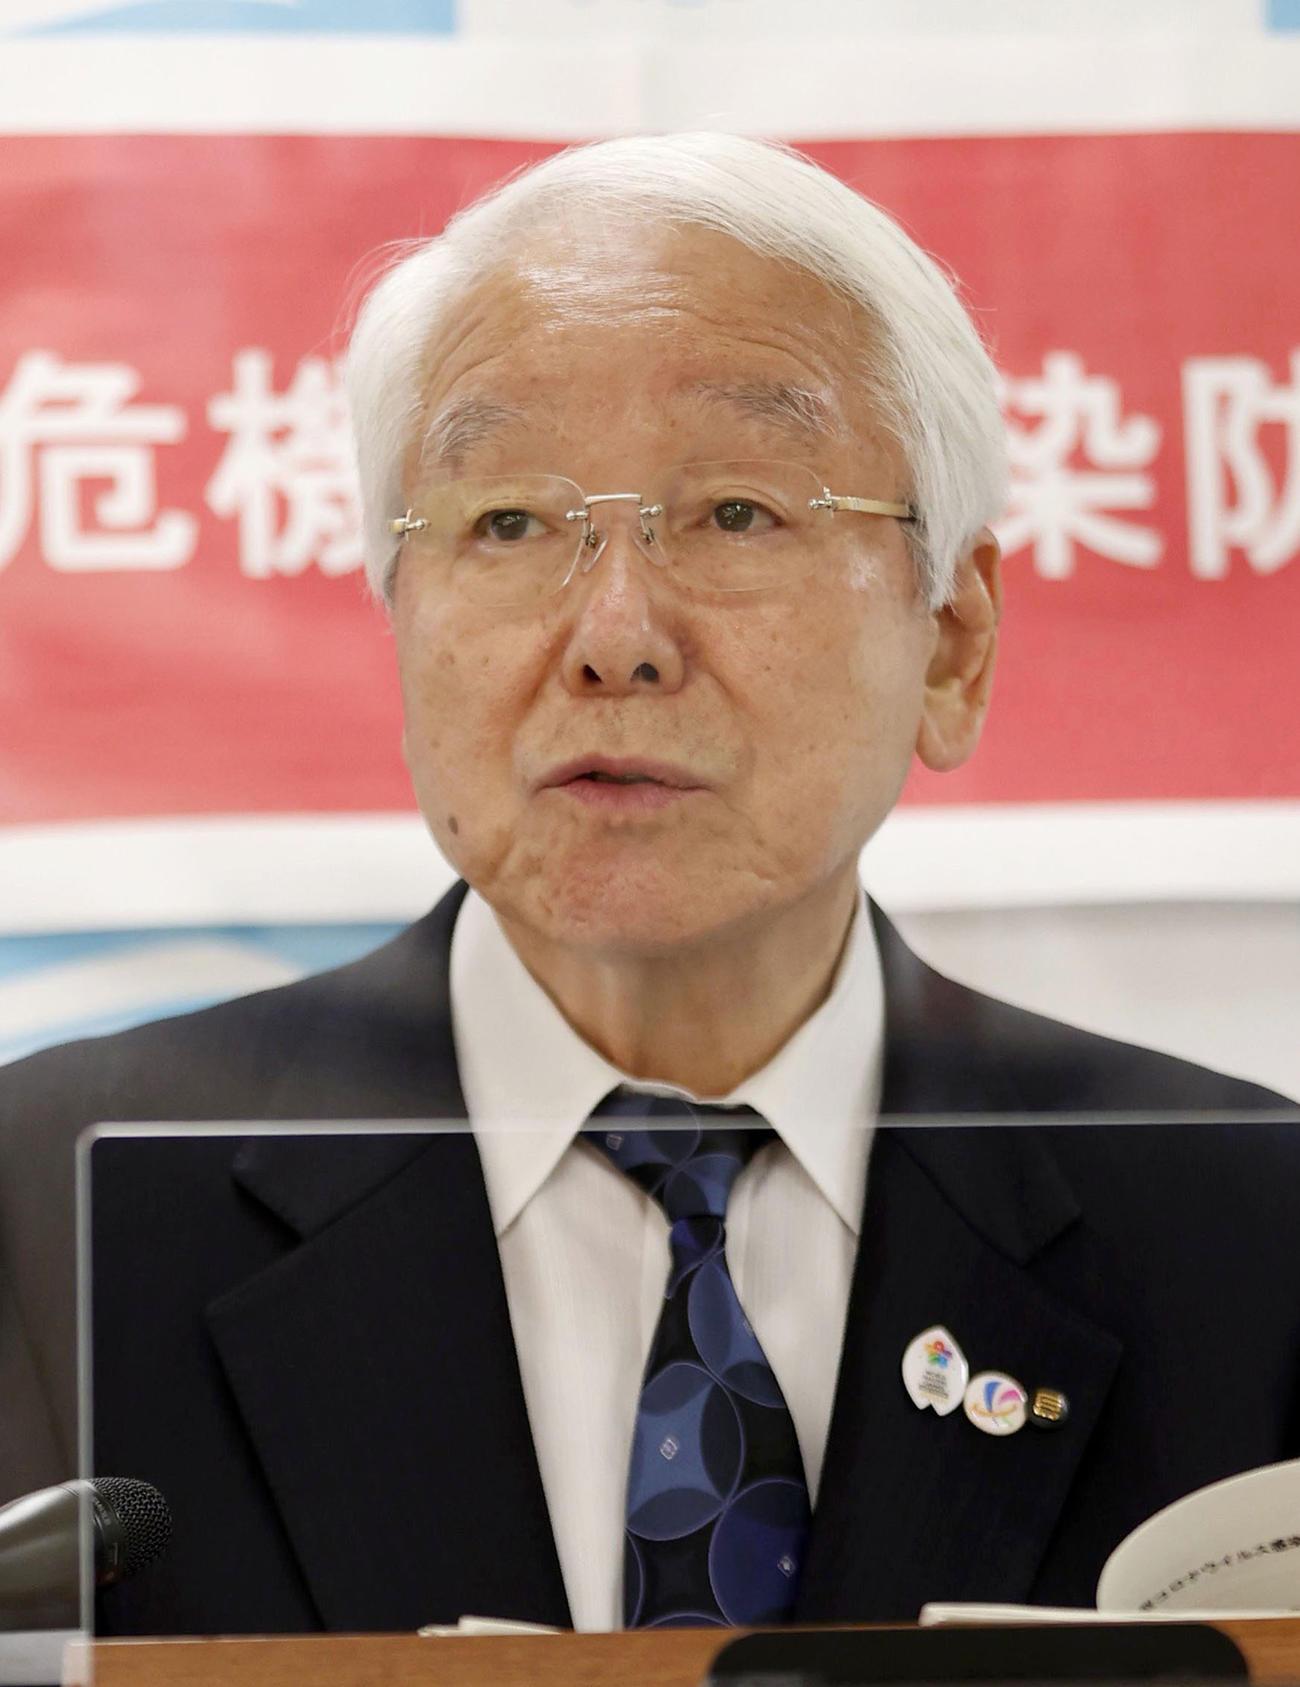 新型コロナウイルスの対策本部会議後に記者会見する兵庫県の井戸敏三知事